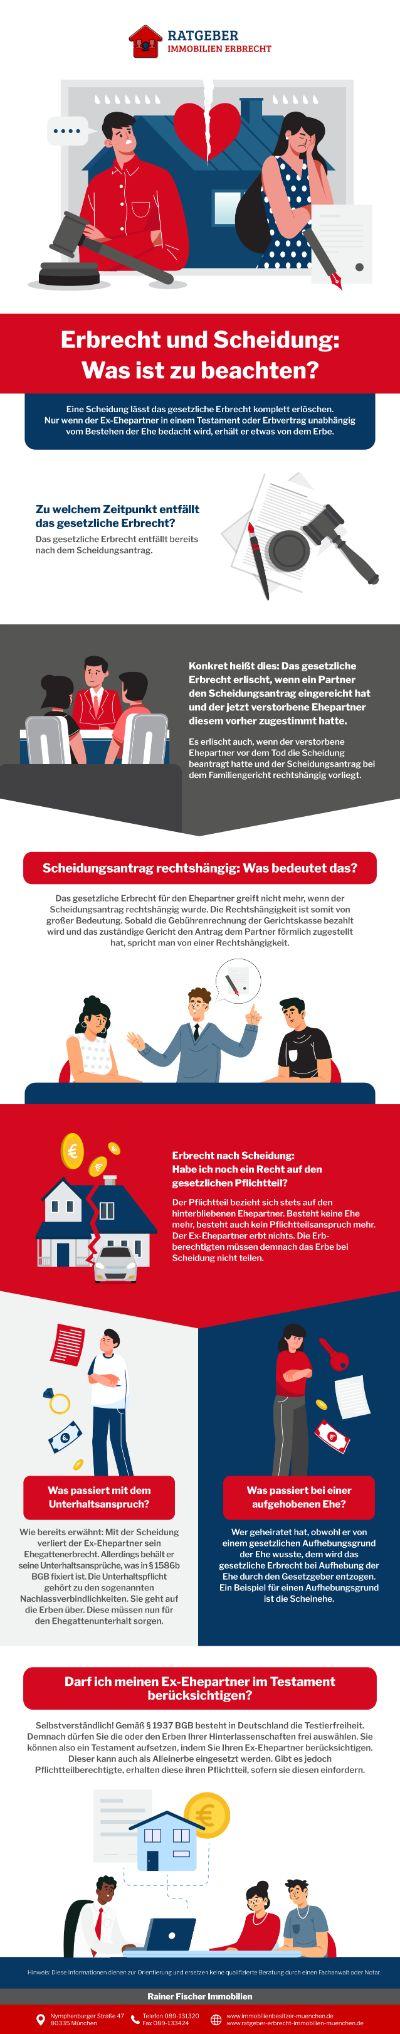 Ratgeber Erbrecht Infografik - Erbe Bei Scheidung